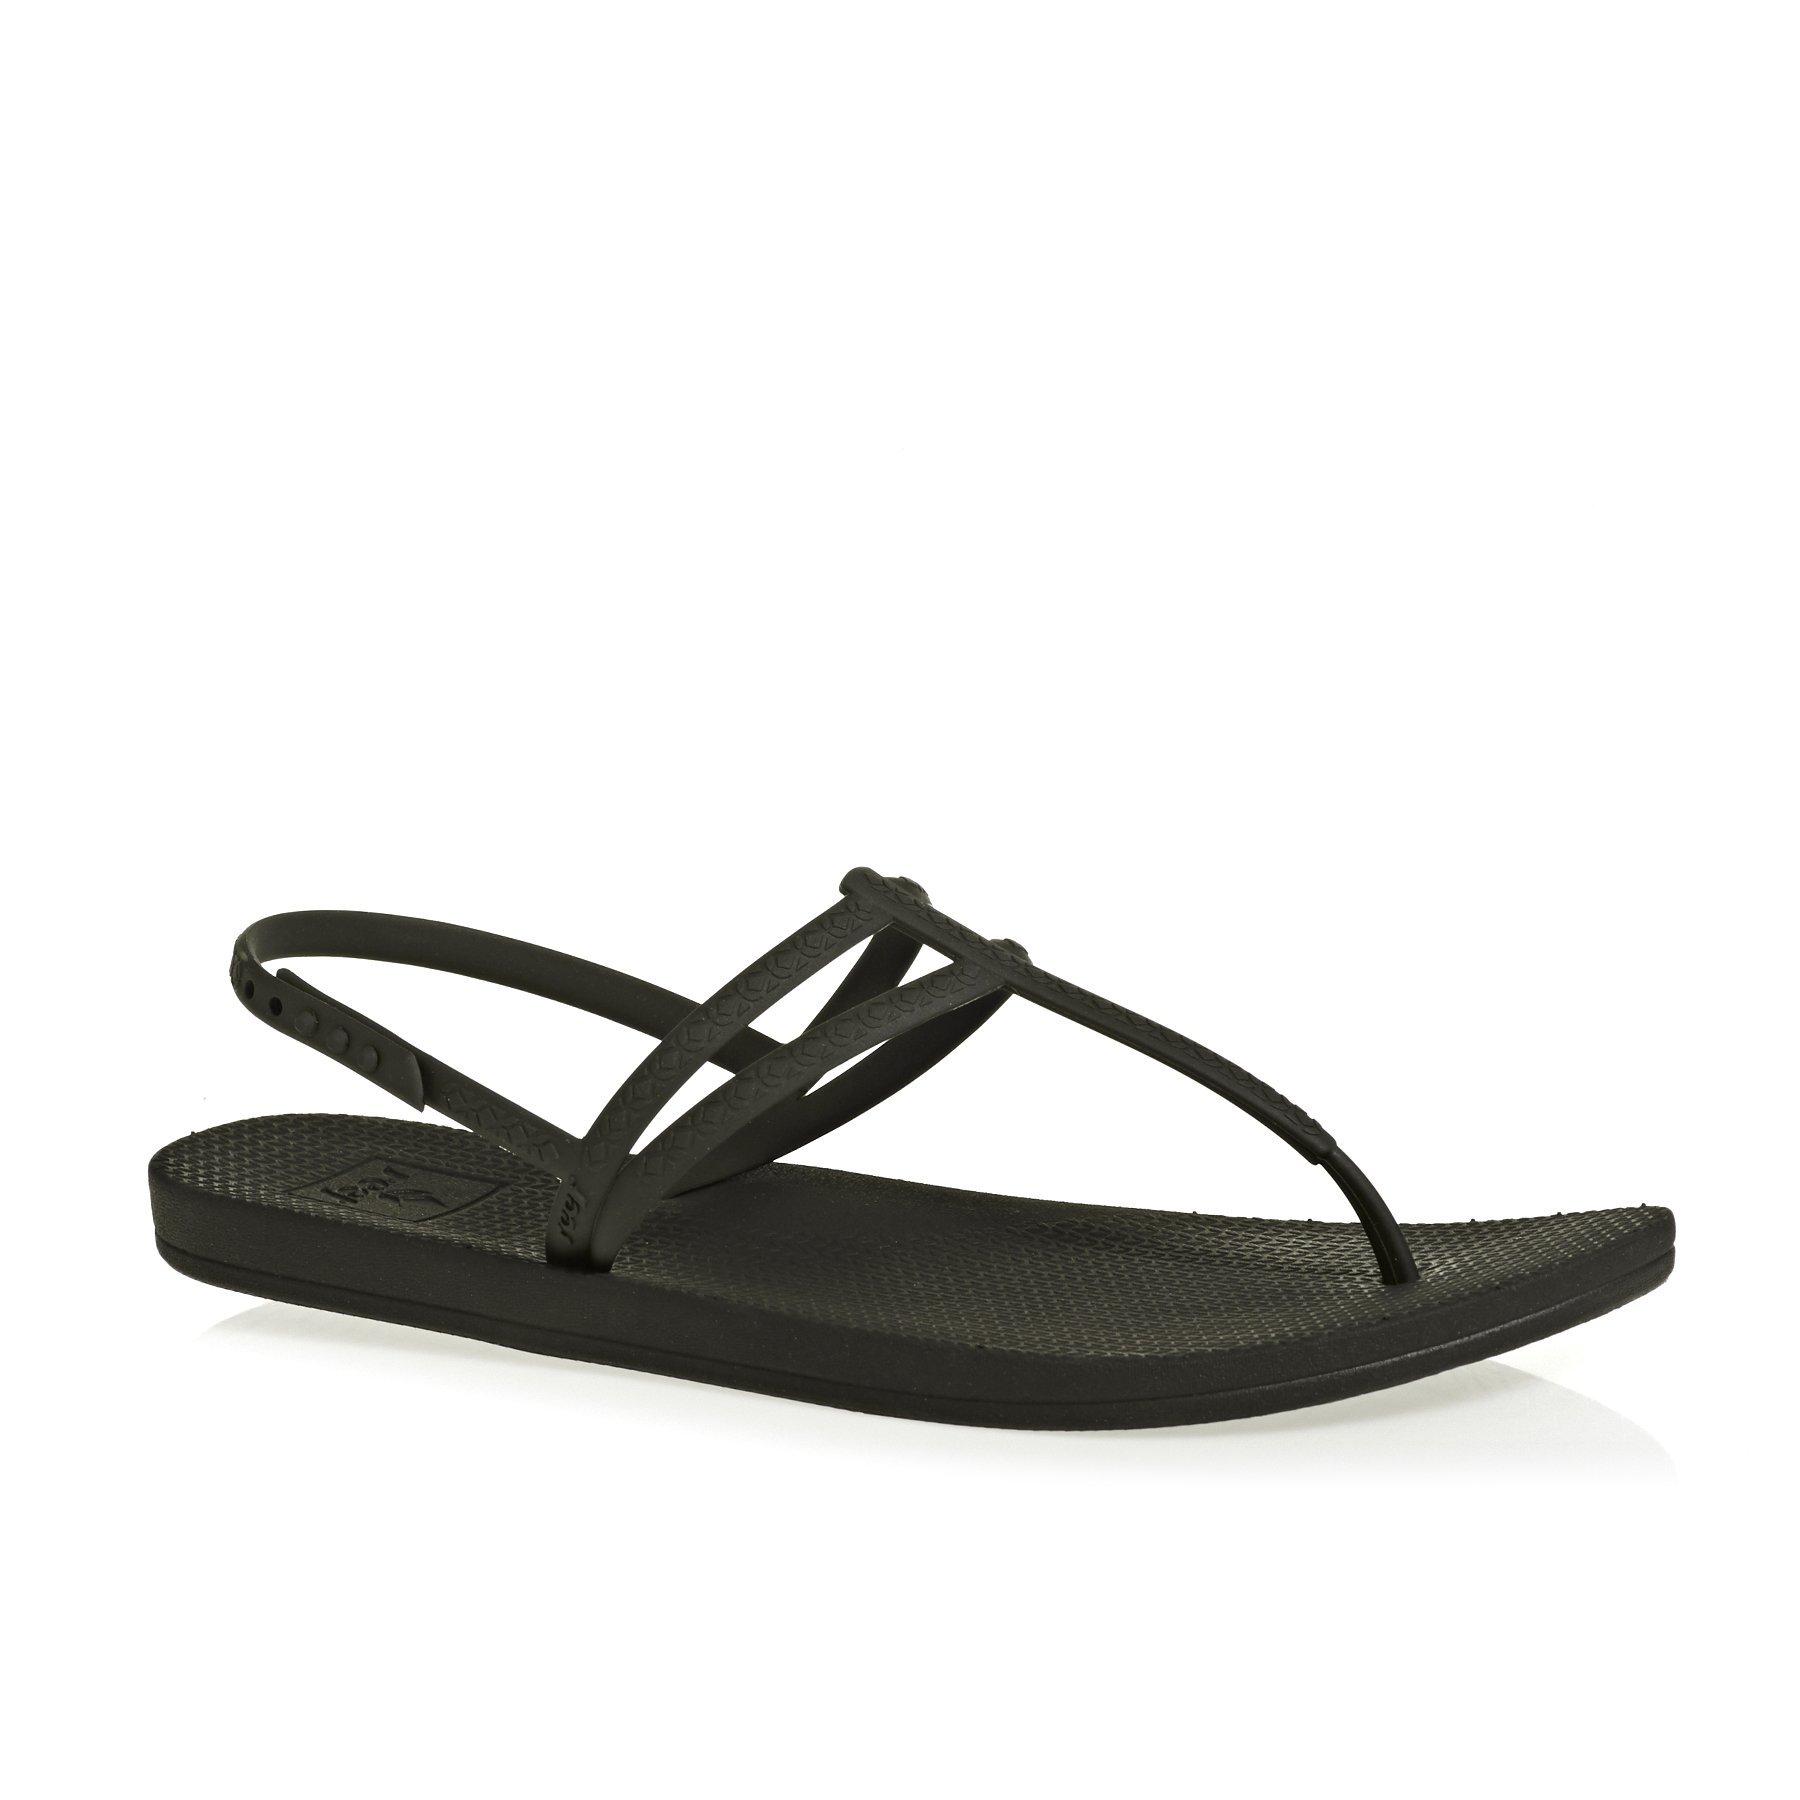 Reef Women's Escape Lux T Sandals, Black, 8 M